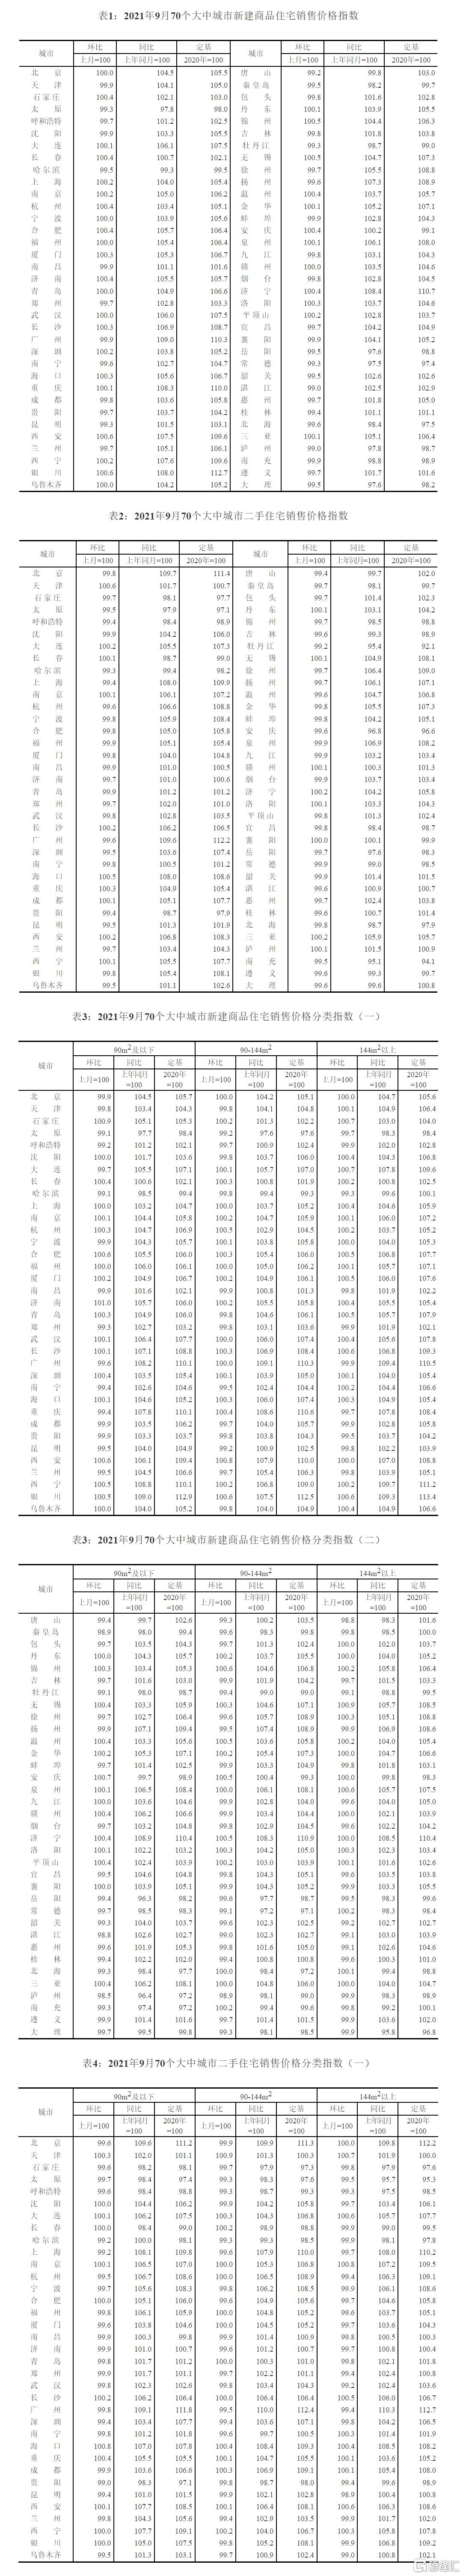 国家统计局:9月份商品住宅销售价格环比总体呈略降态势